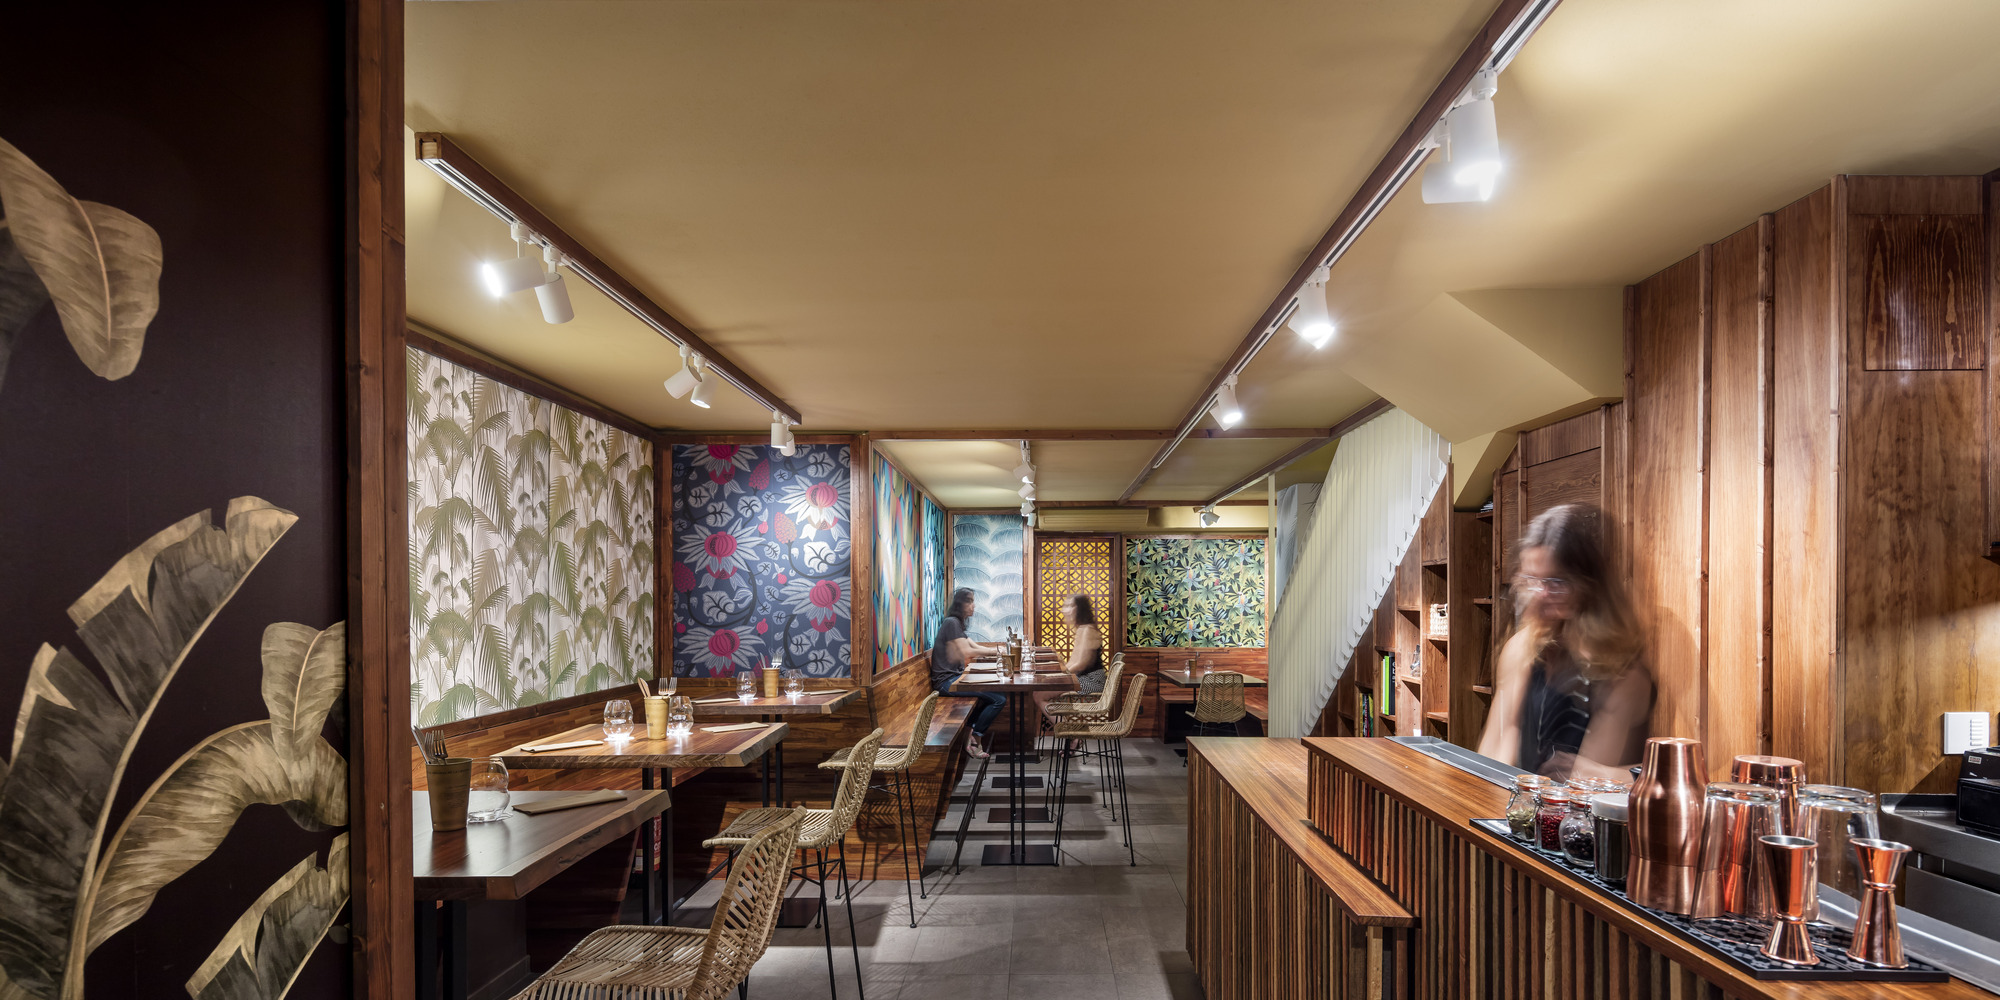 Restaurante fogo el equipo creativo plataforma for Equipos restaurante